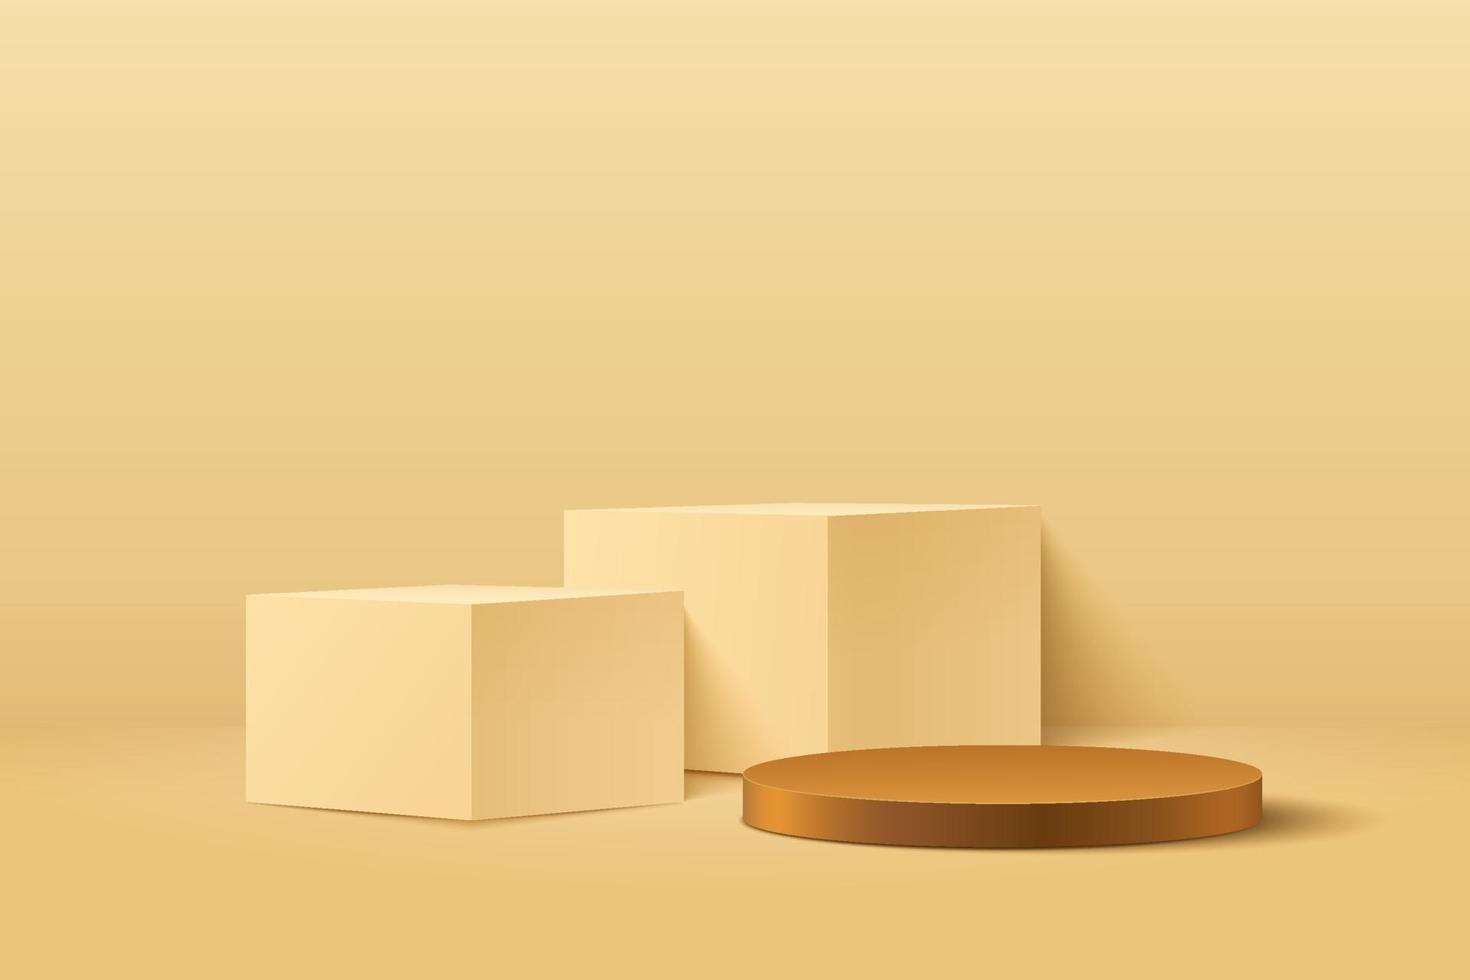 cubo astratto e display rotondo per prodotto sul sito Web dal design moderno. rendering di sfondo con podio e scena di muro con trama oro minima, colore marrone giallo di forma geometrica di rendering 3D. vettore eps10